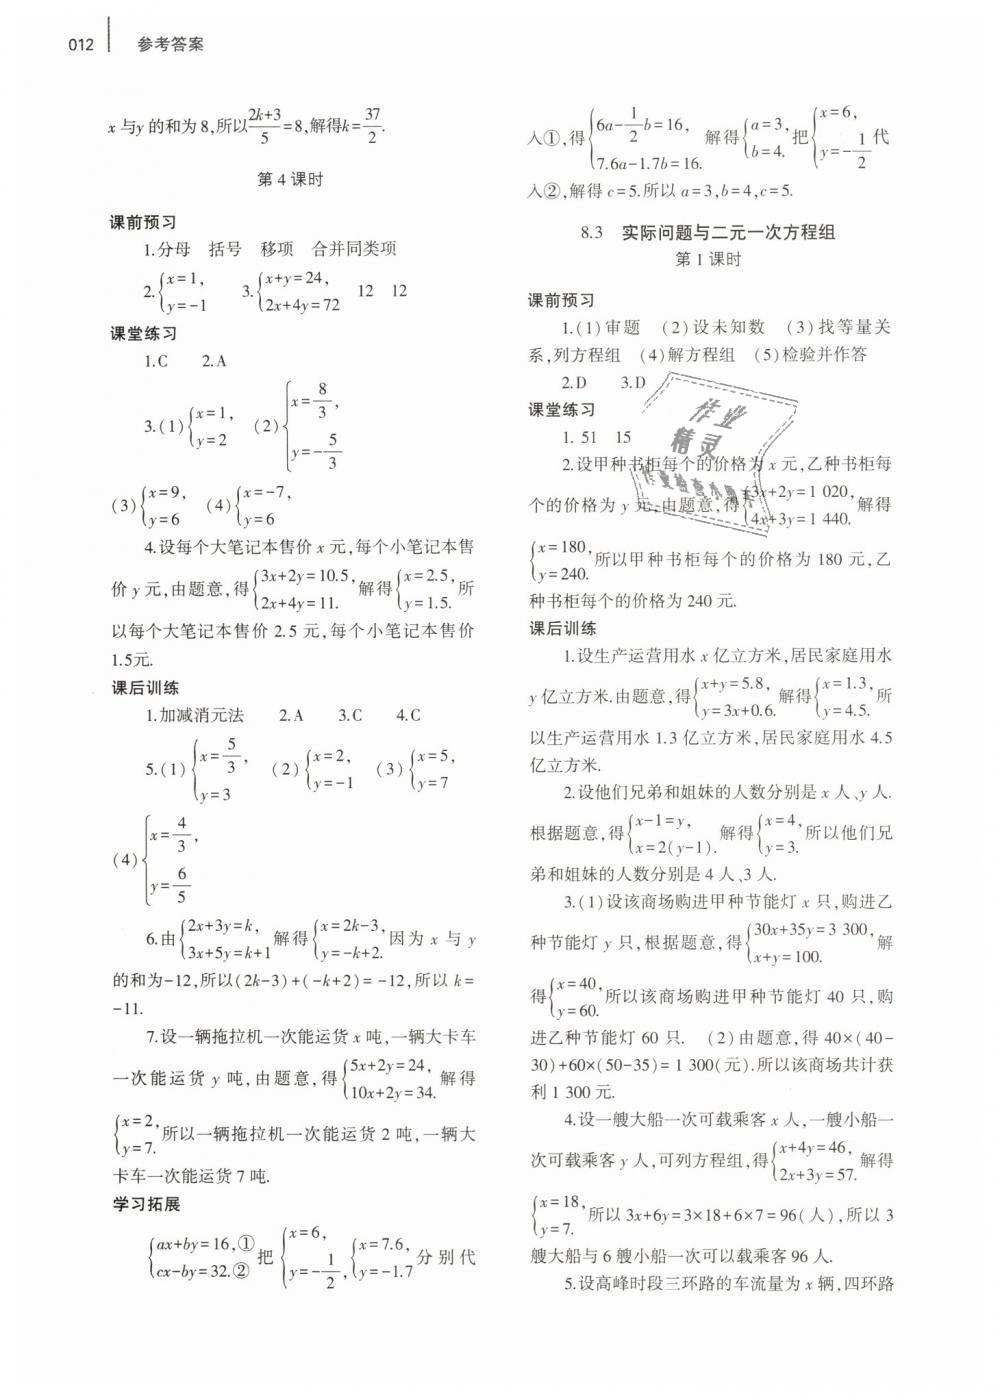 2019年基础训练七年级数学下册人教版大象出版社第12页